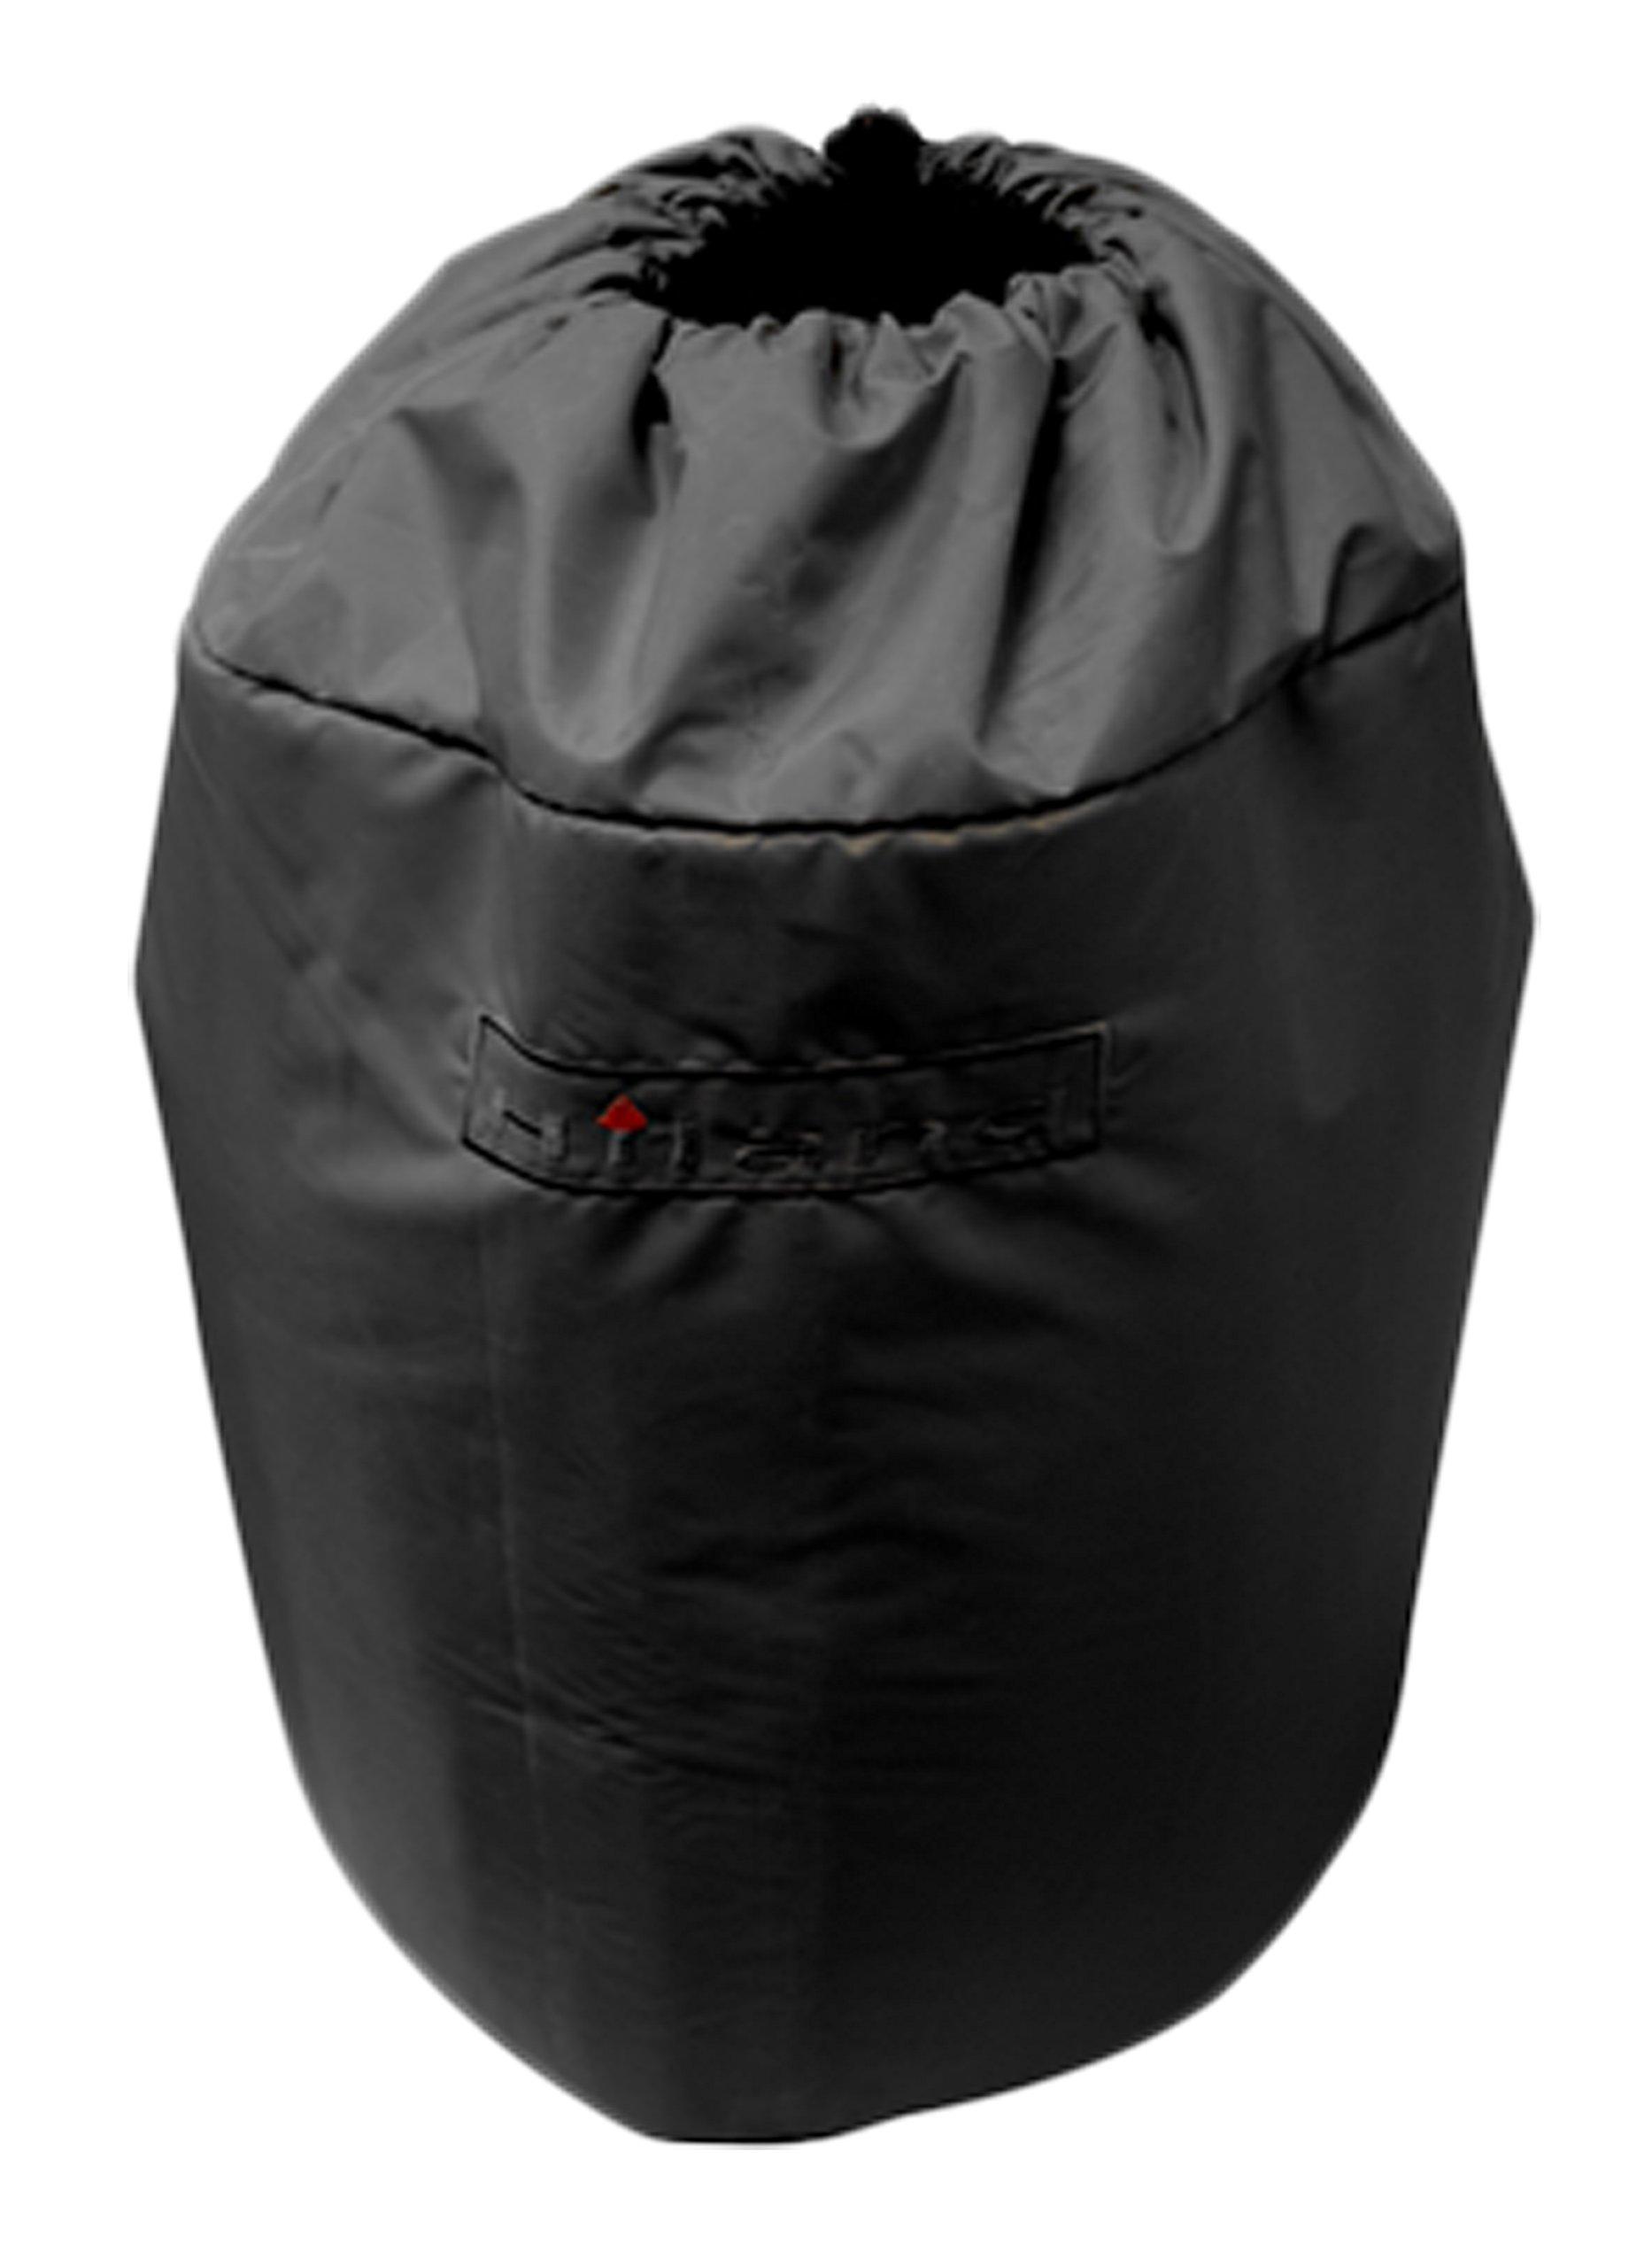 AZ Patio Heater Heavy Duty Waterproof Propane Tank Cover - Black